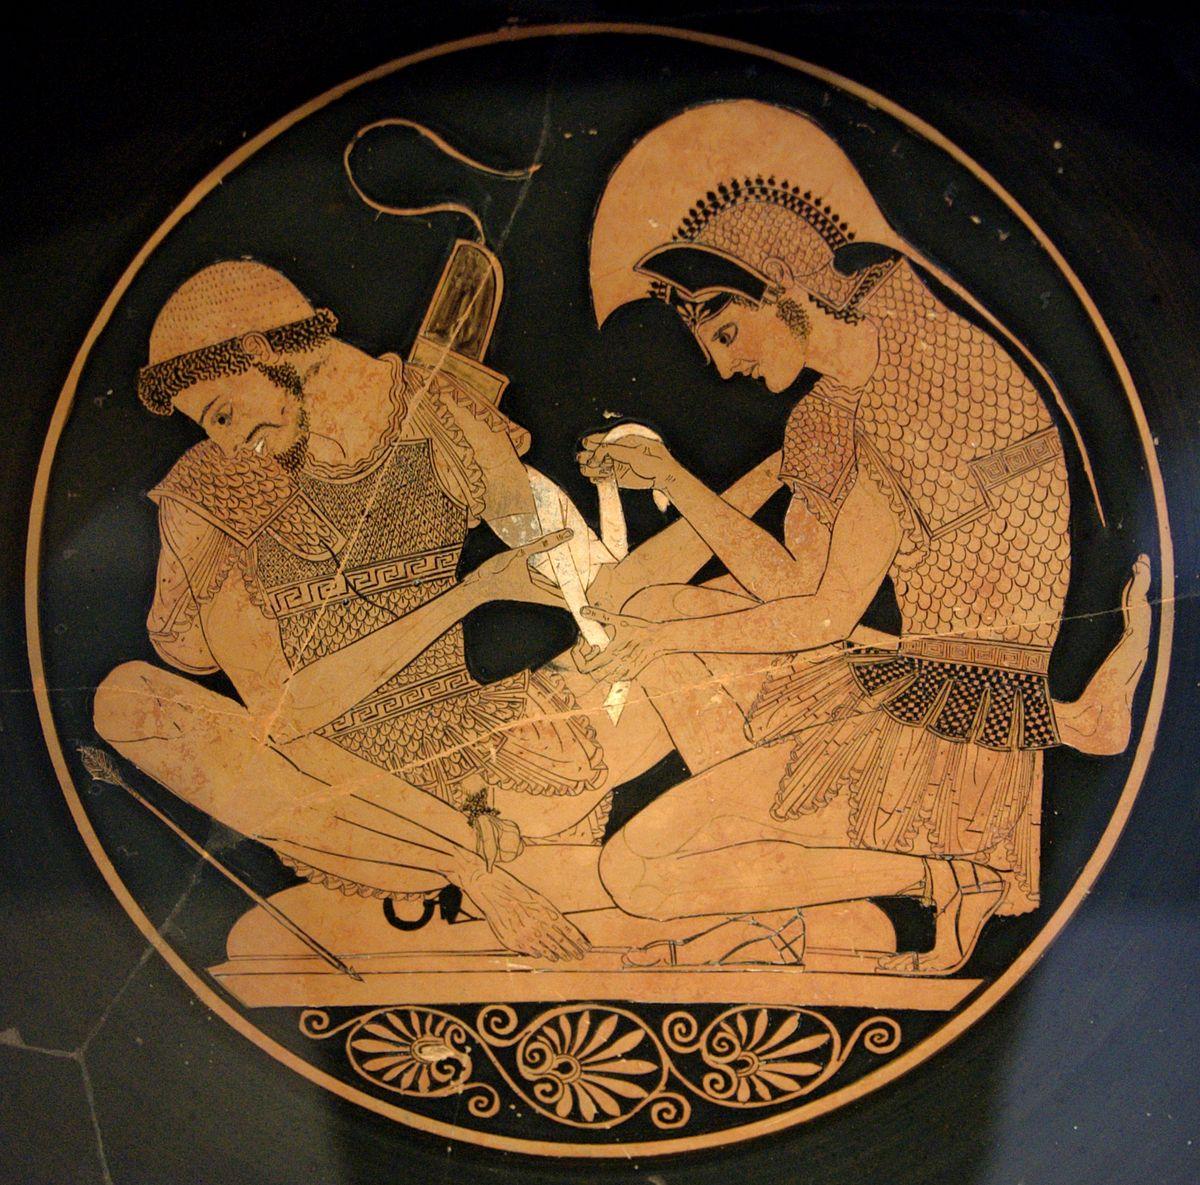 Achilles and Patroclus! We meet at last… - Lucas